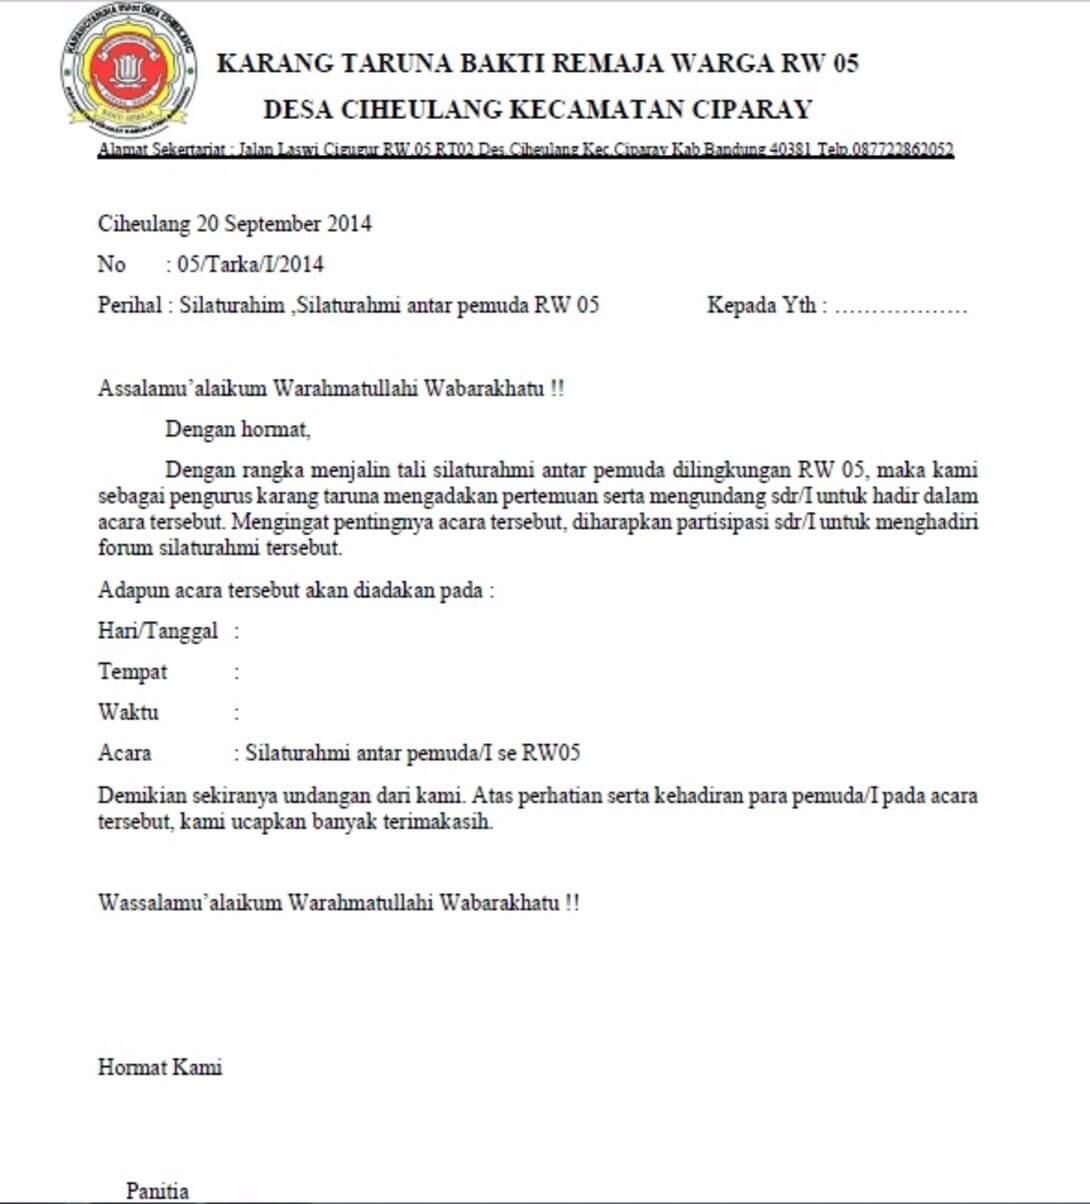 Contoh Surat Undangan Rapat Organisasi